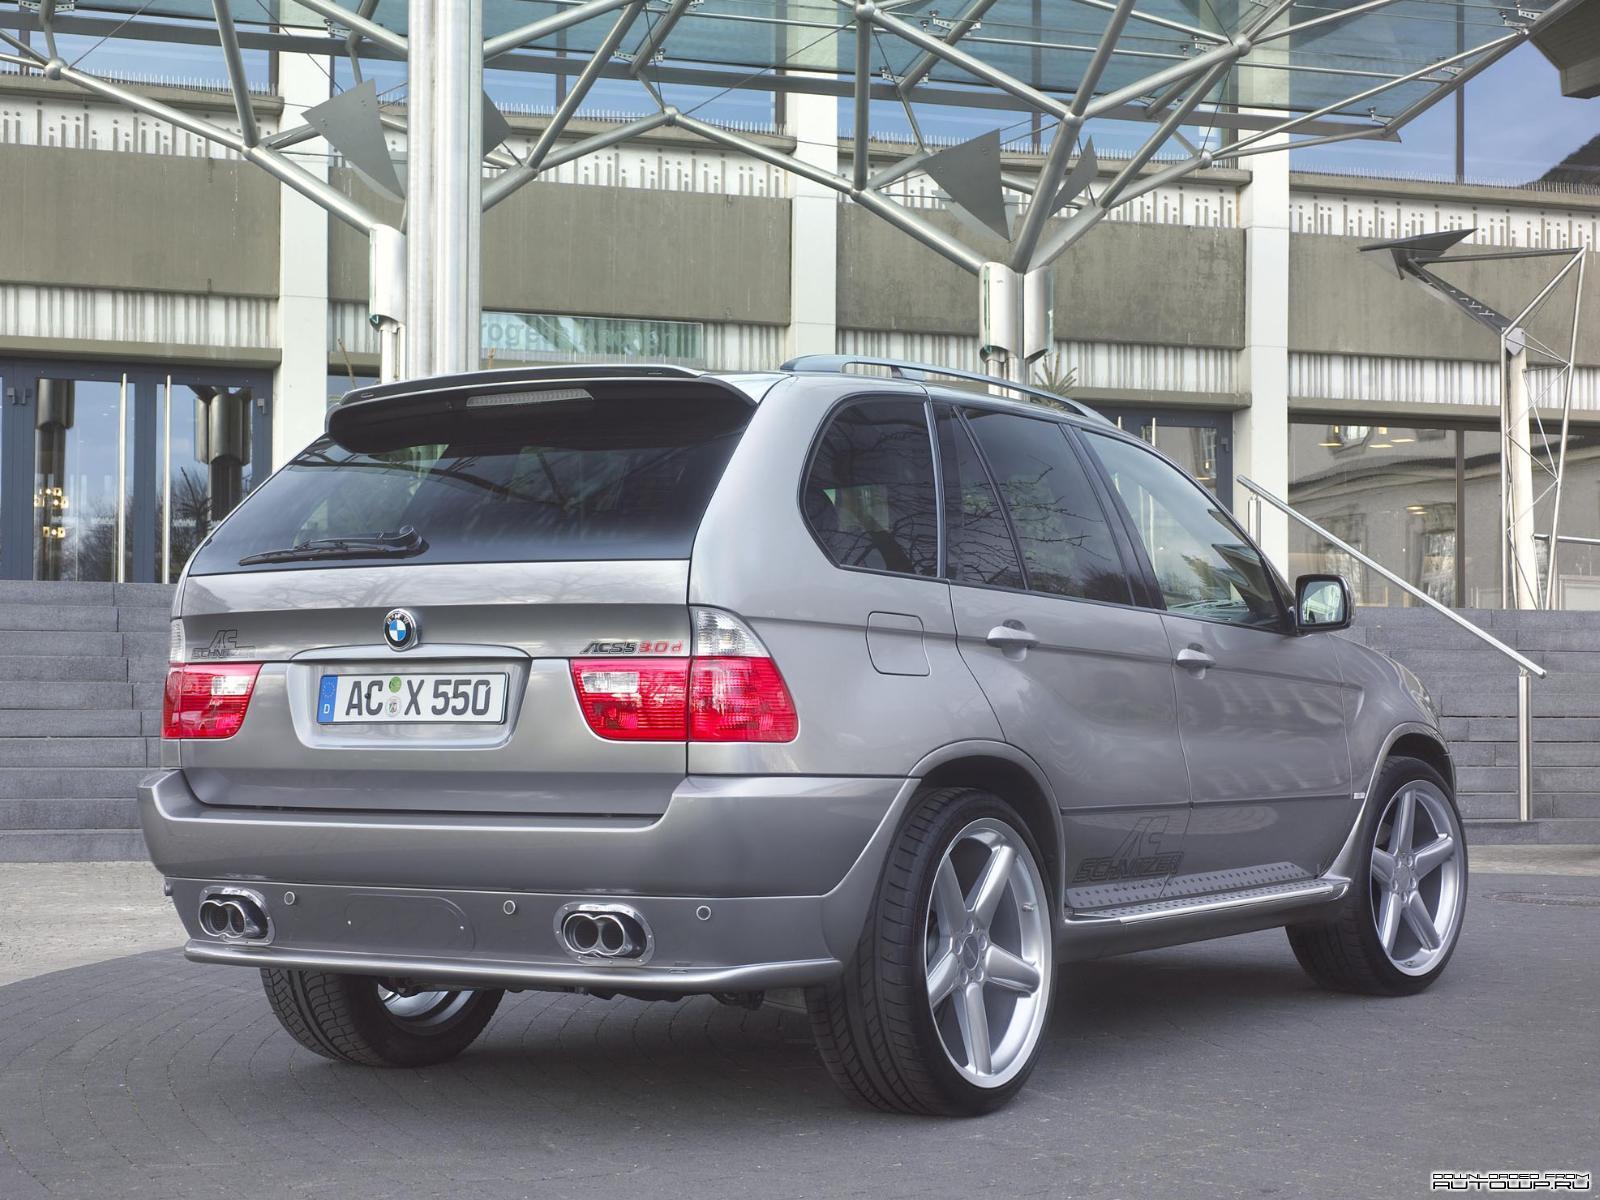 Отзывы о BMW X5 (бмв х5 E53)